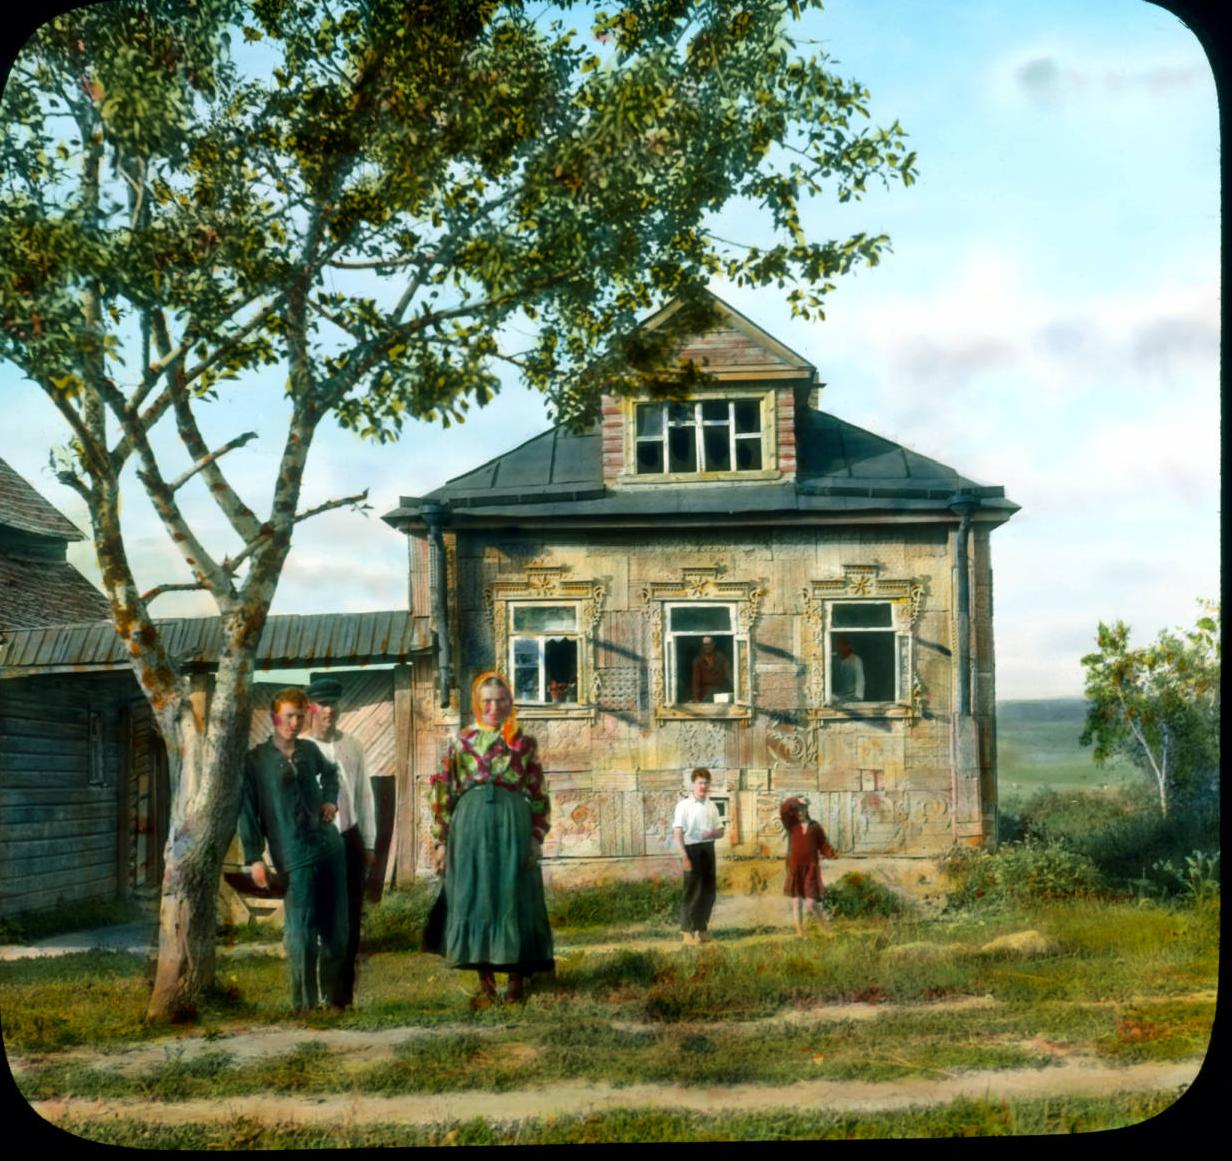 Семья в передней части дома возле Ленинграда